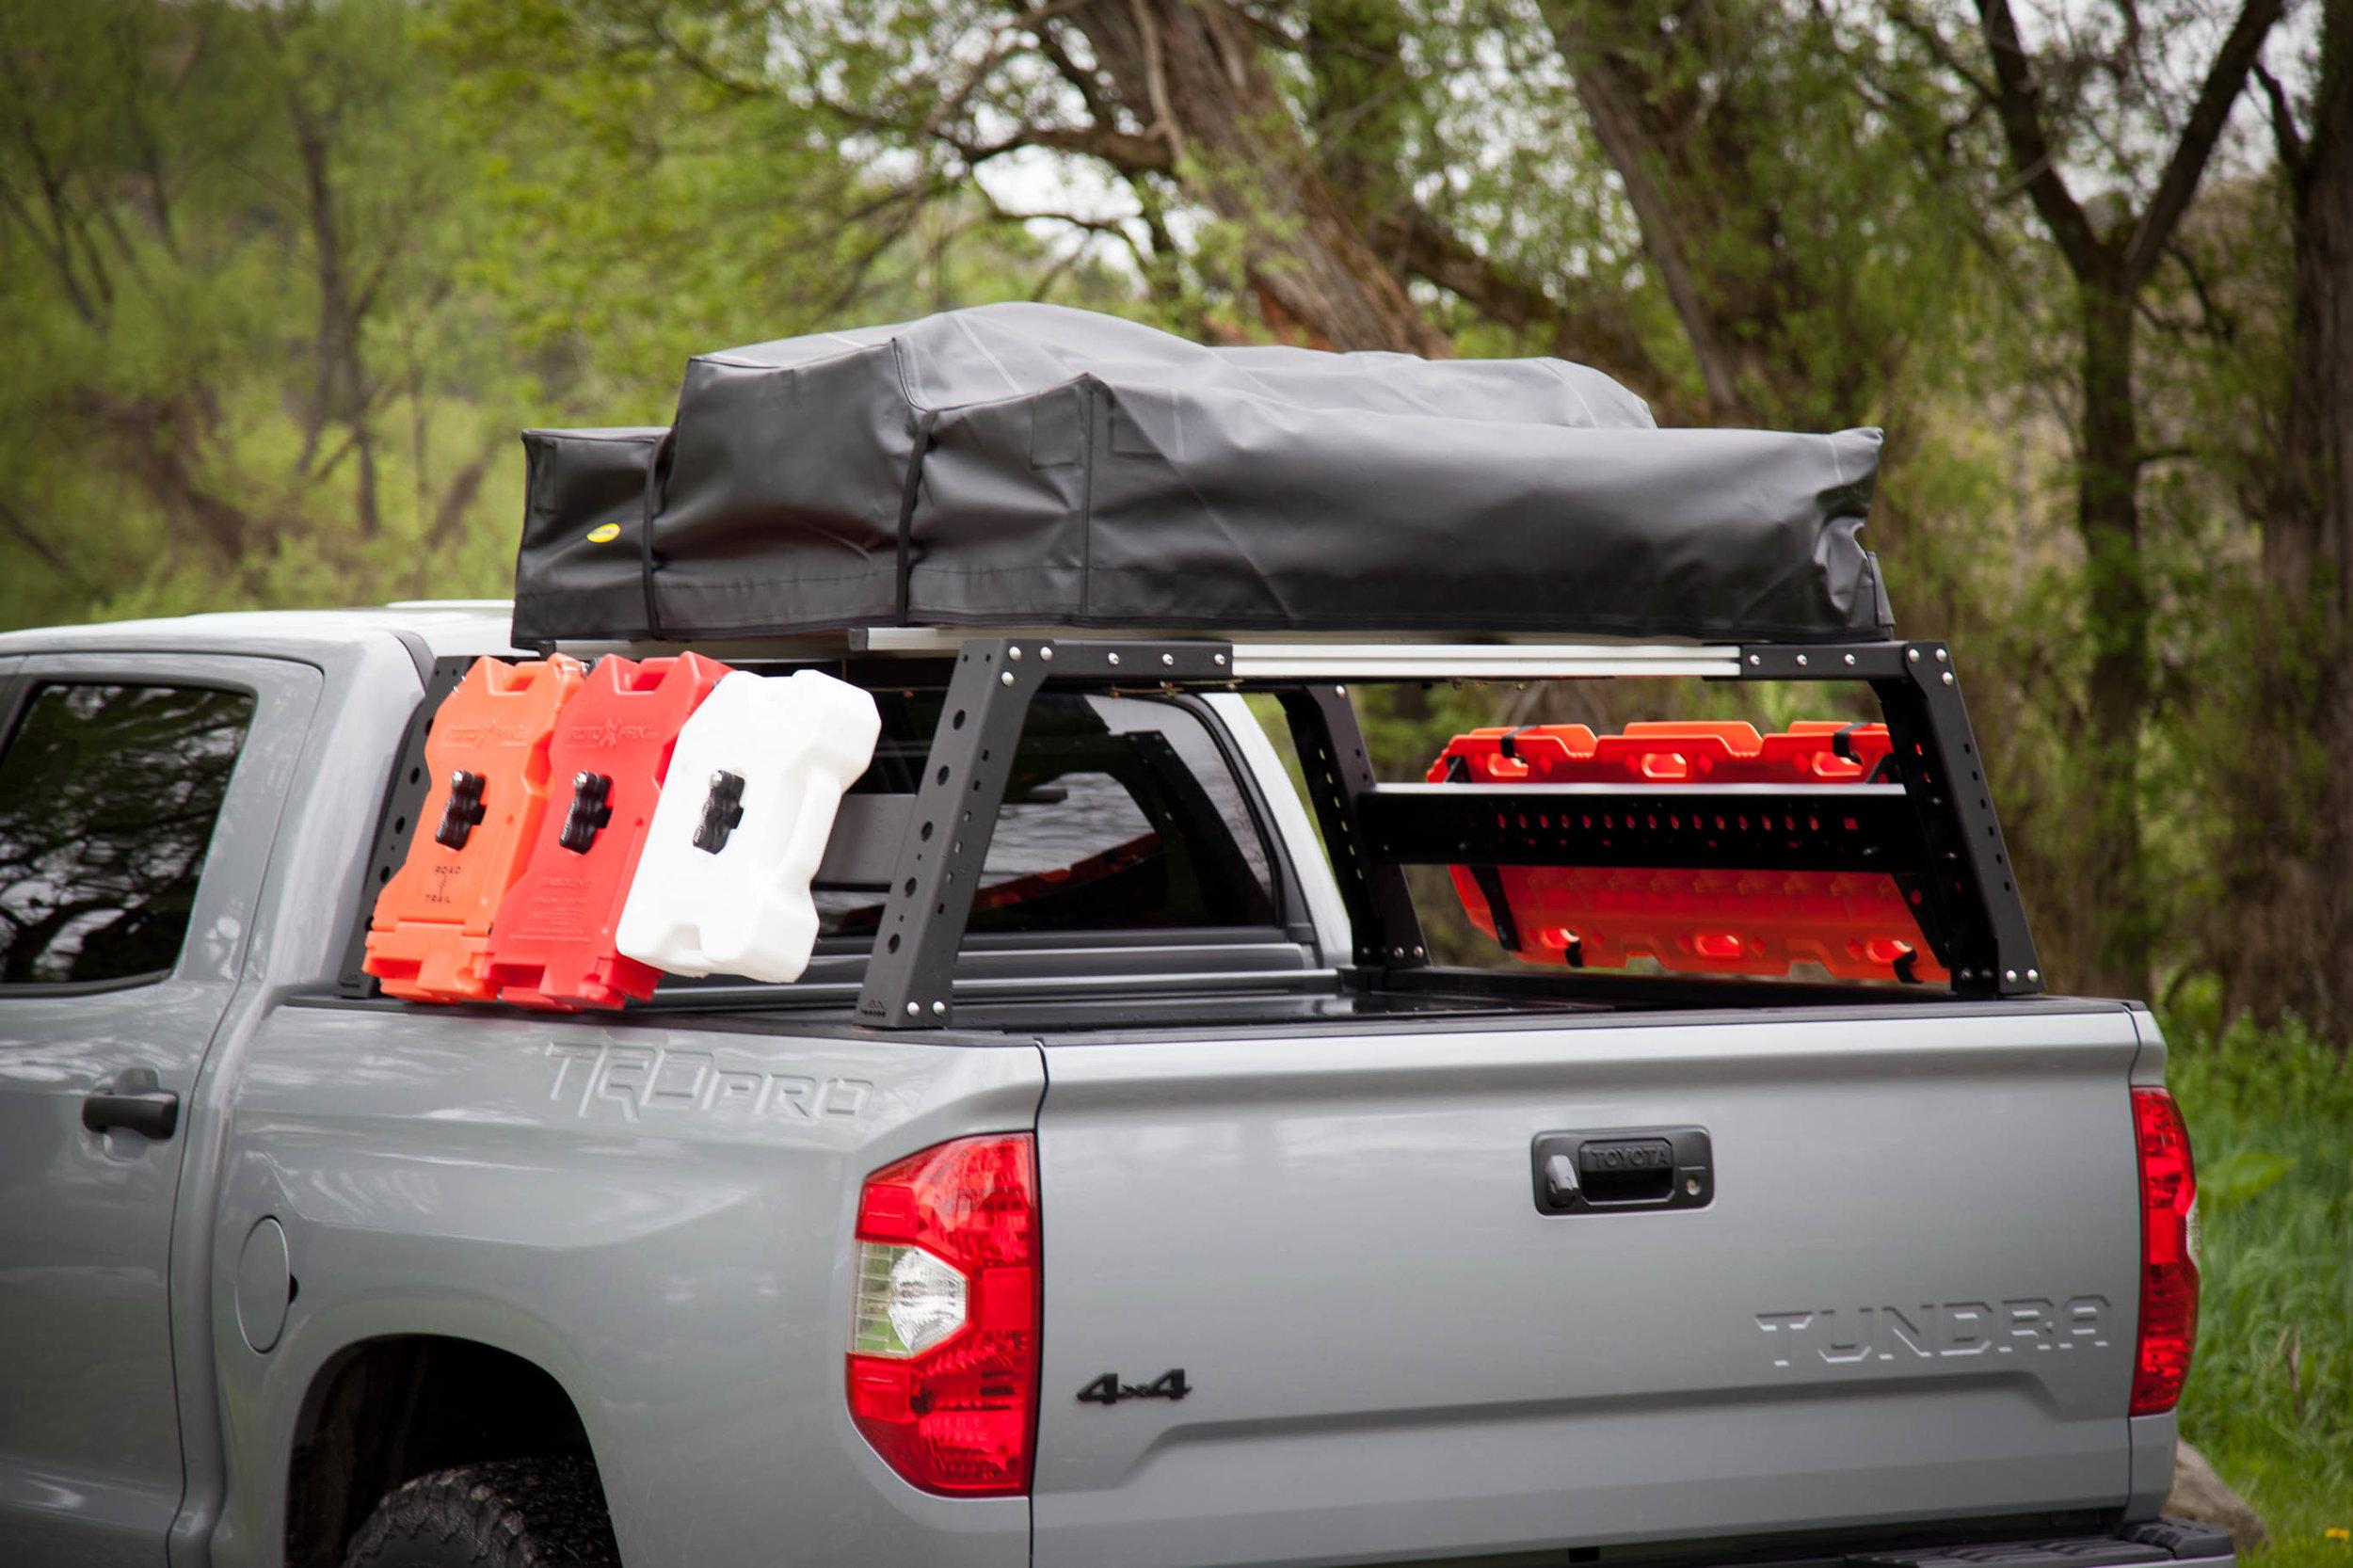 mispend ماركسي معالجة pickup truck bed rack